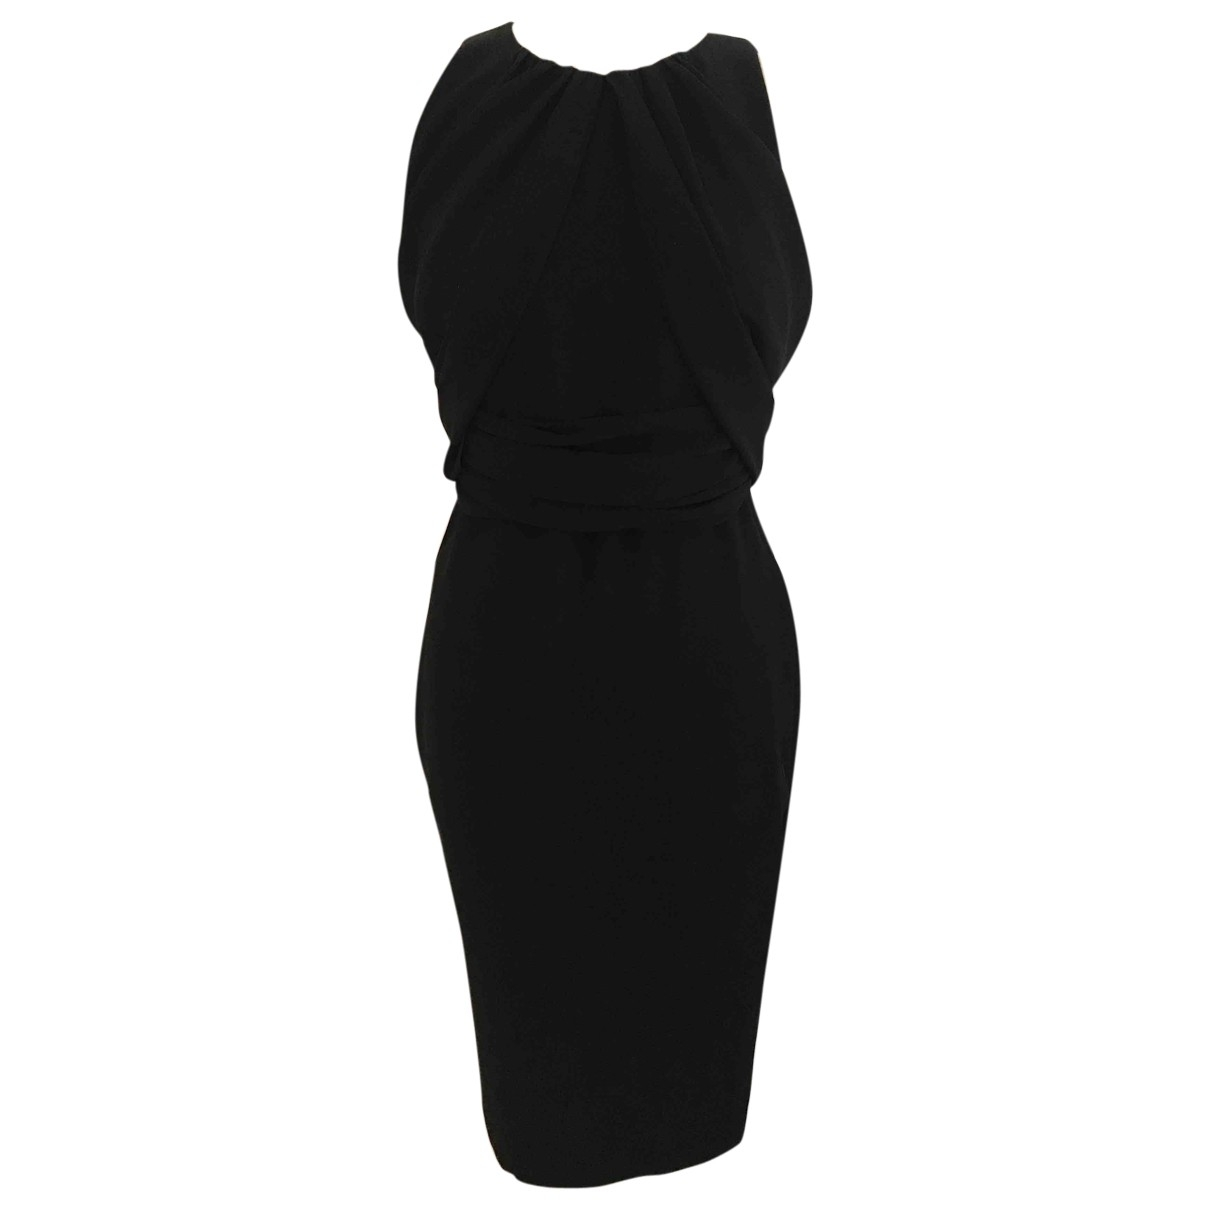 Max Mara \N Black dress for Women 42 IT